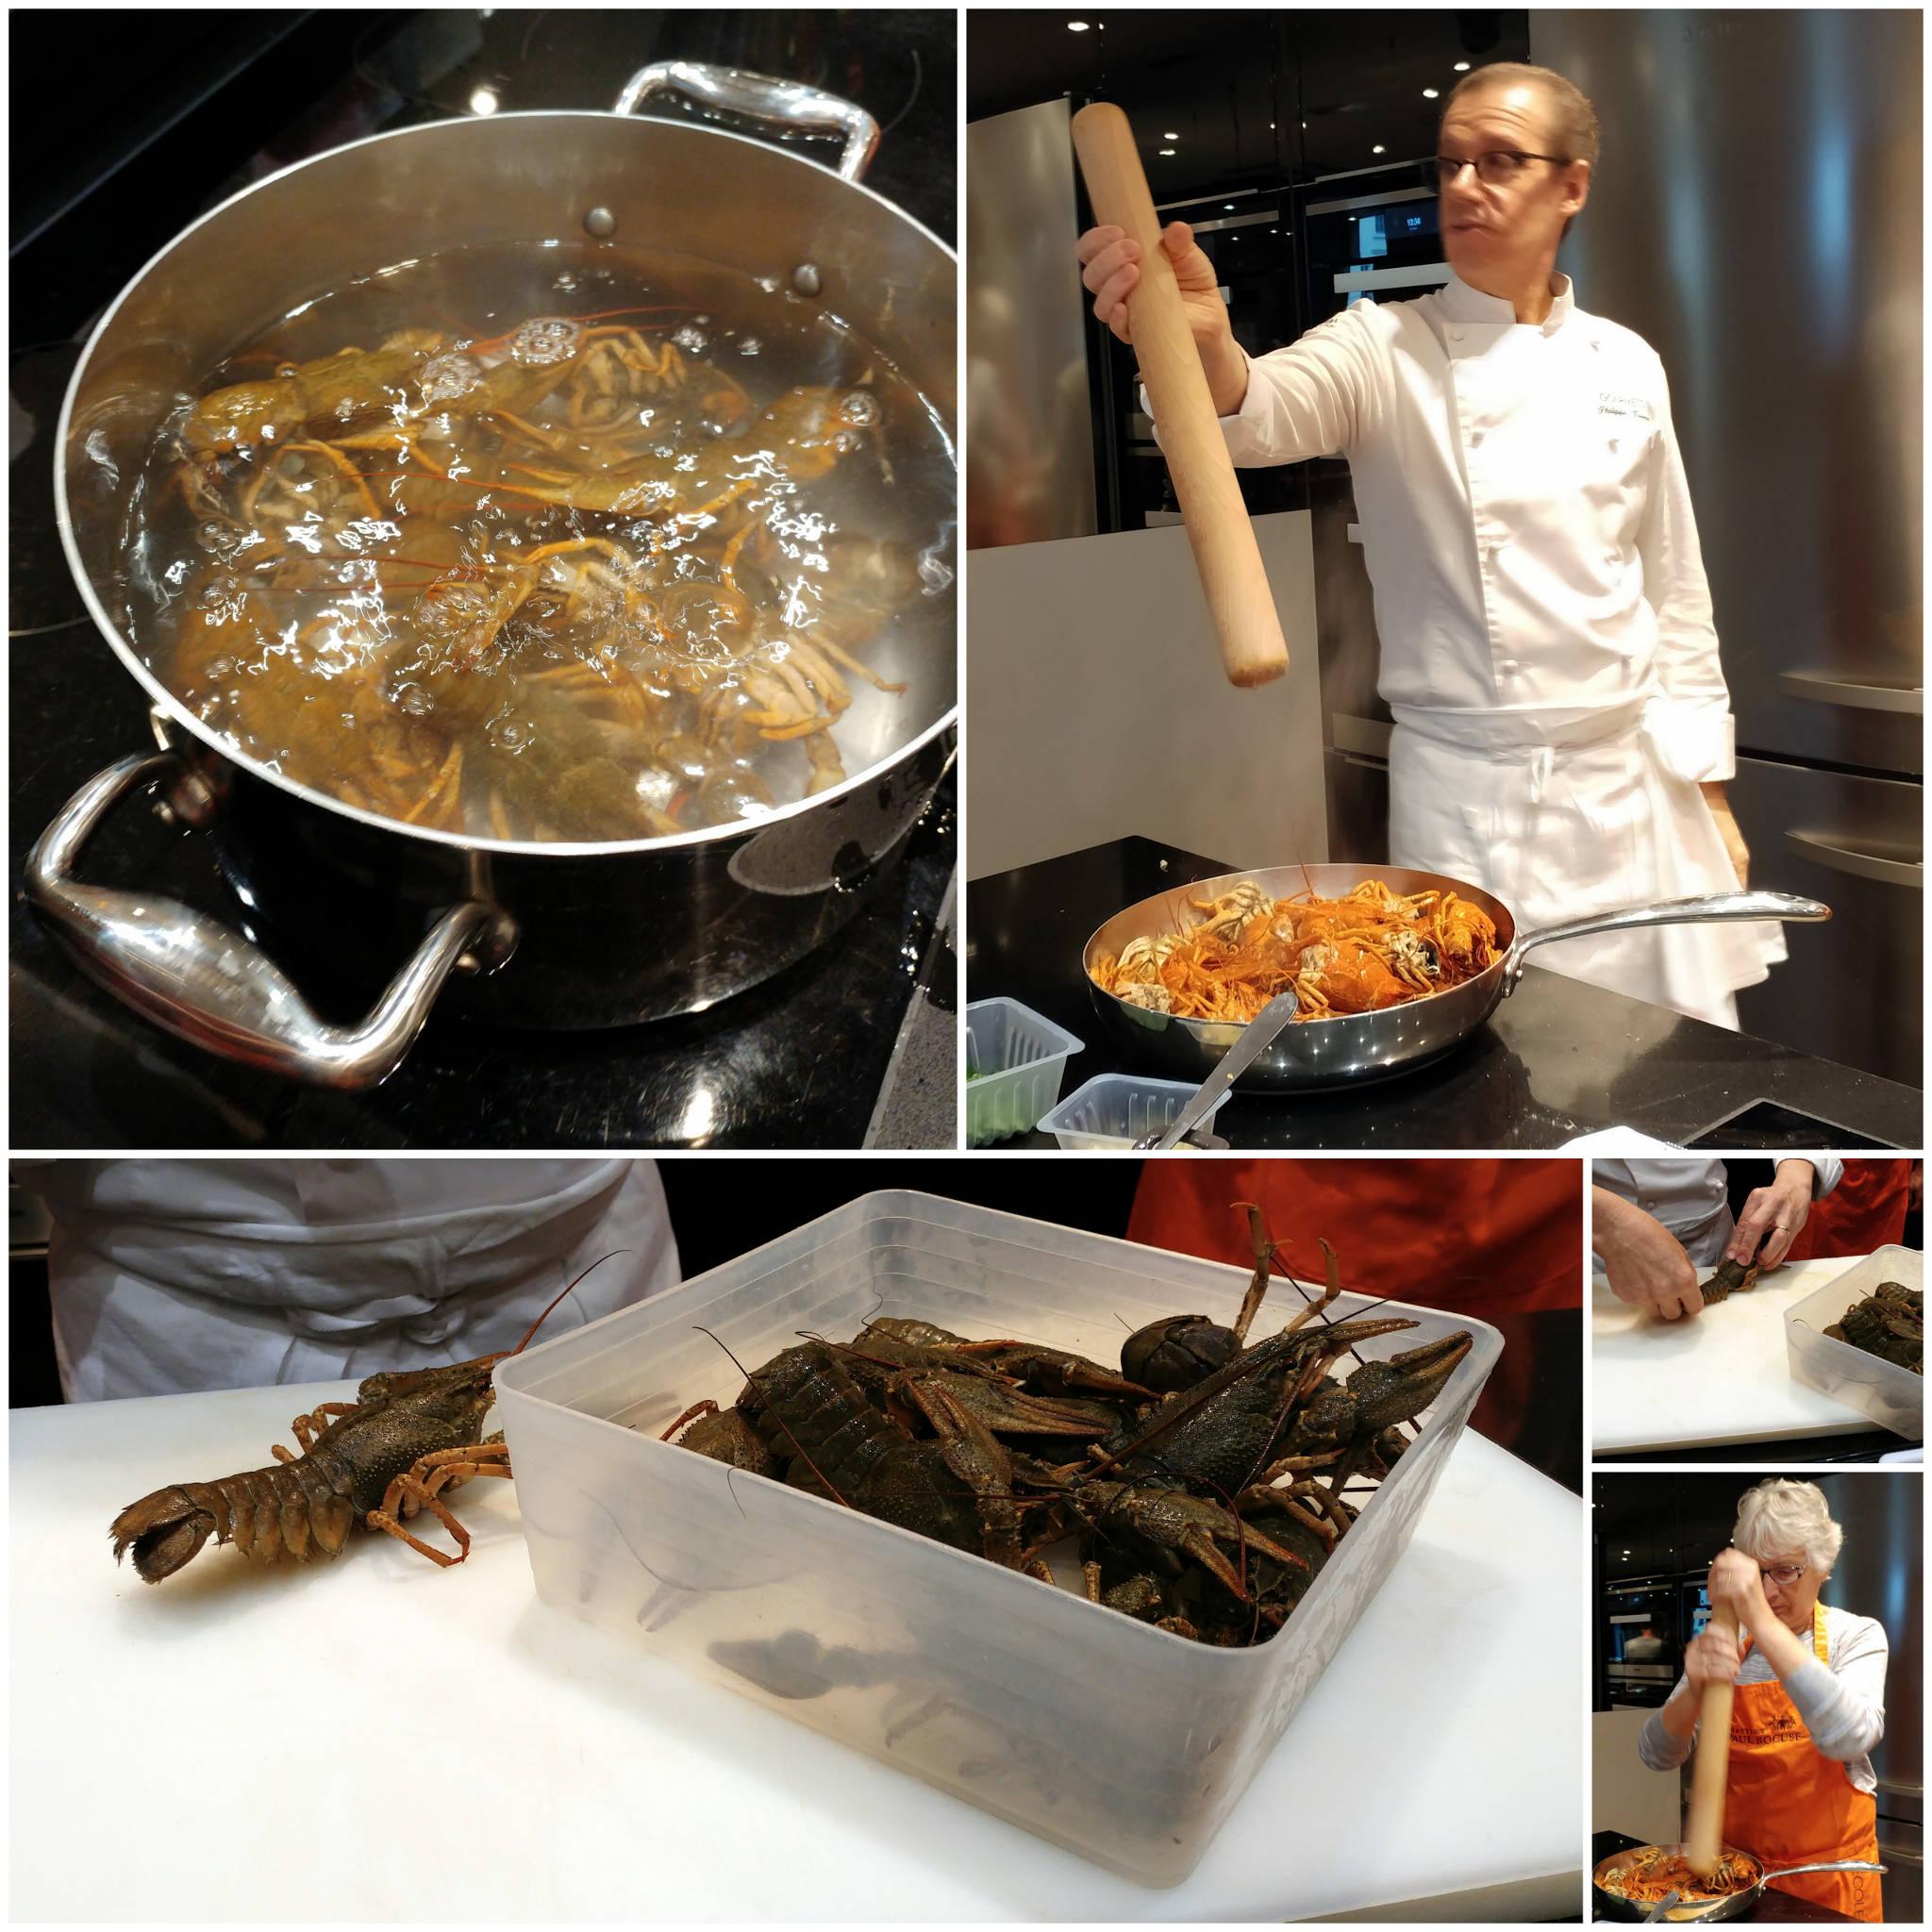 la cuisine des gones : cours de cuisine à l'institut paul bocuse à